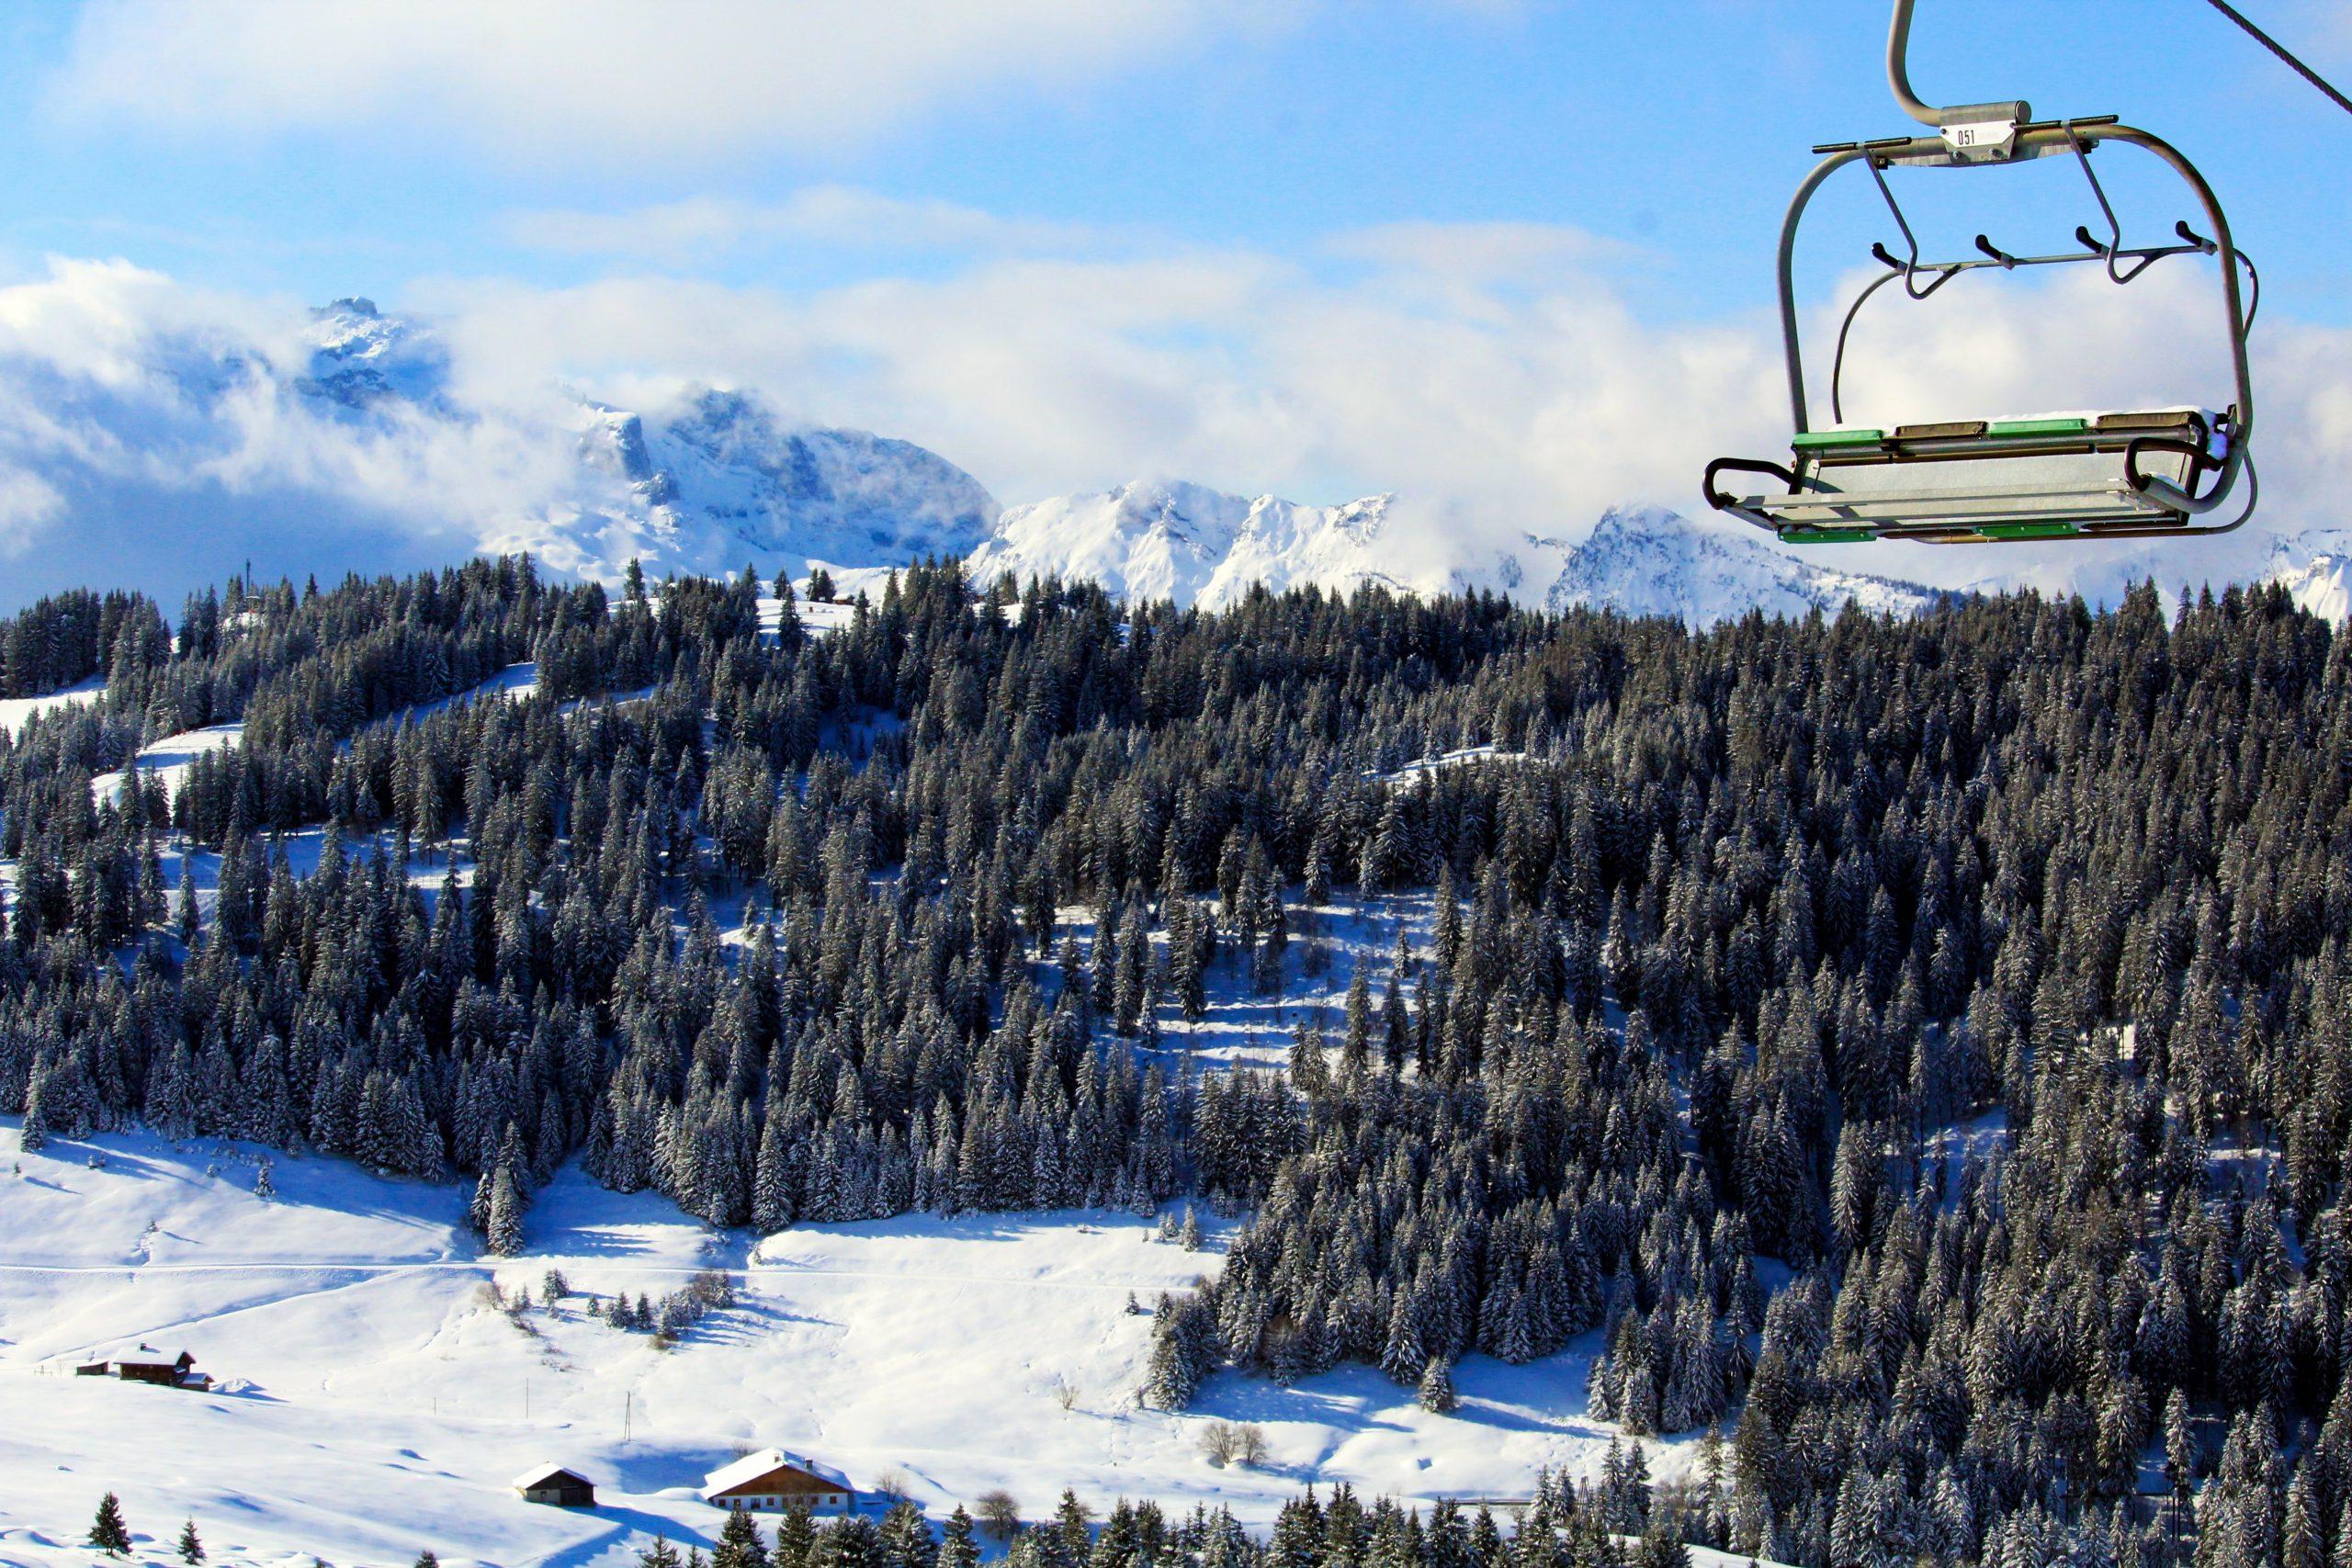 Comment réussir ses vacances en famille dans les Alpes?